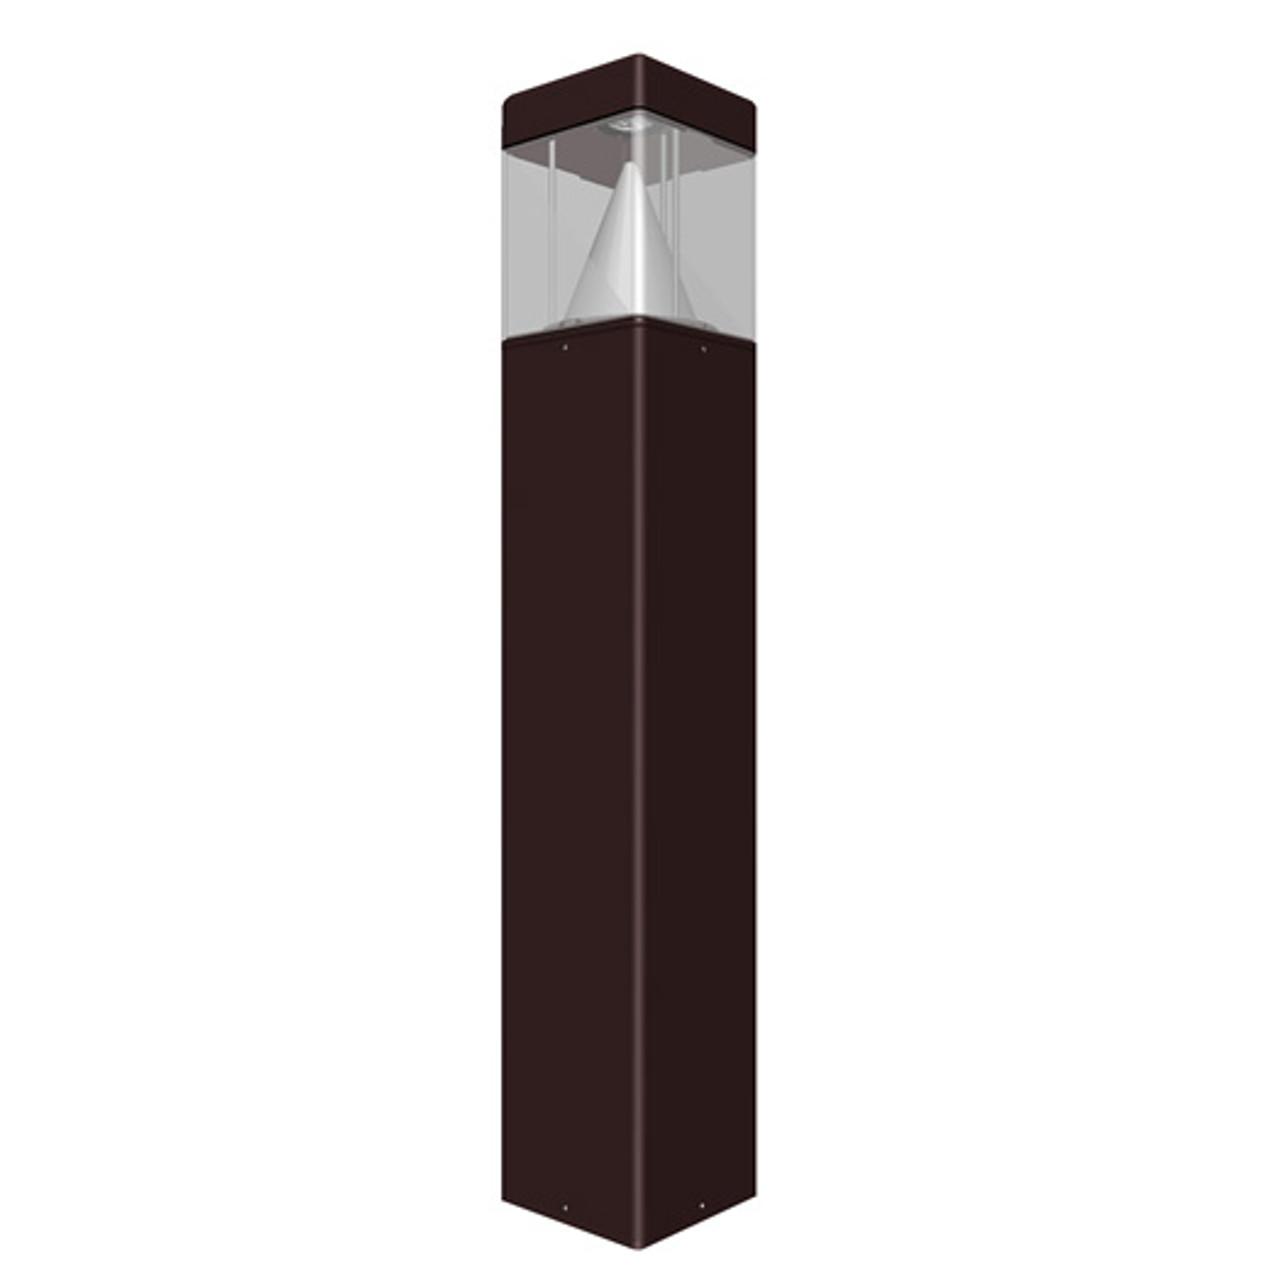 Square 15 Watt LED Bollard Flat Top Cone Reflector